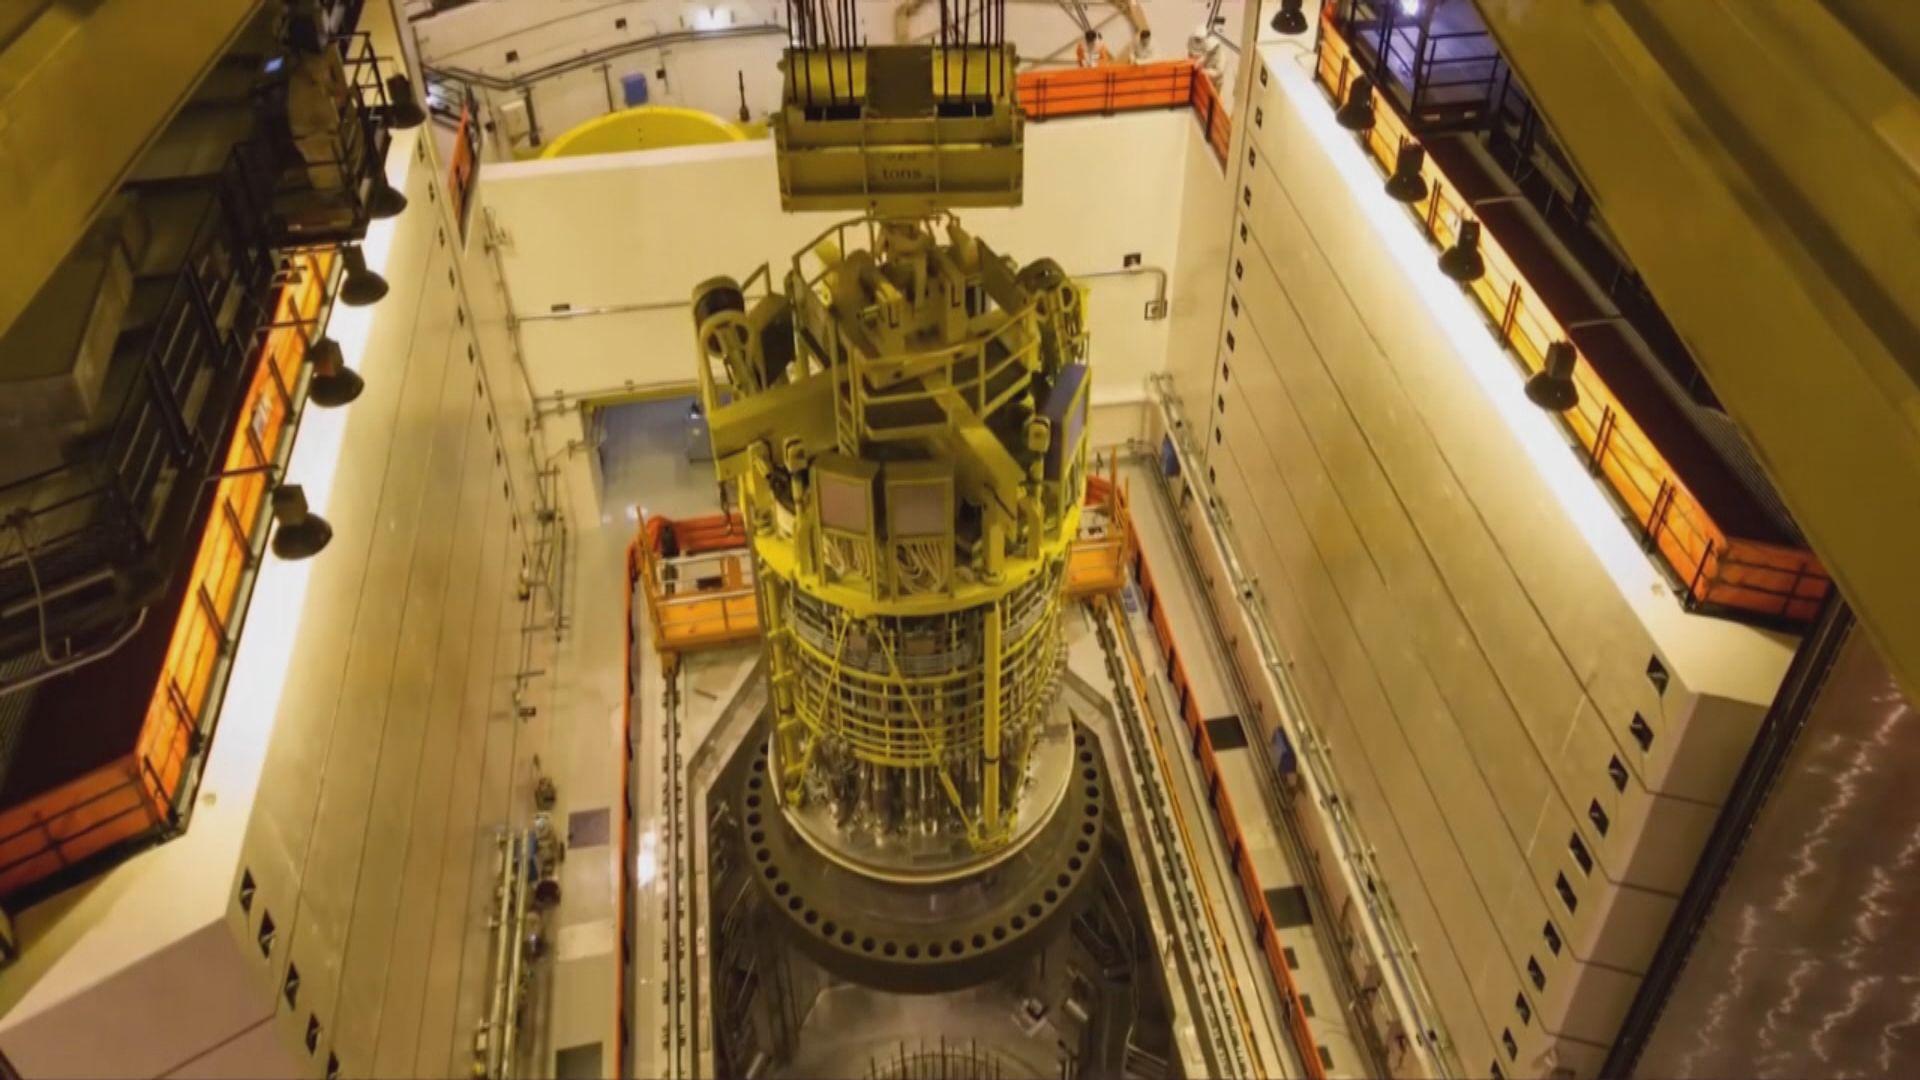 環球網:台山核電站反應堆輻射水平上升惟無放射性洩漏 李家超:核電站運作安全